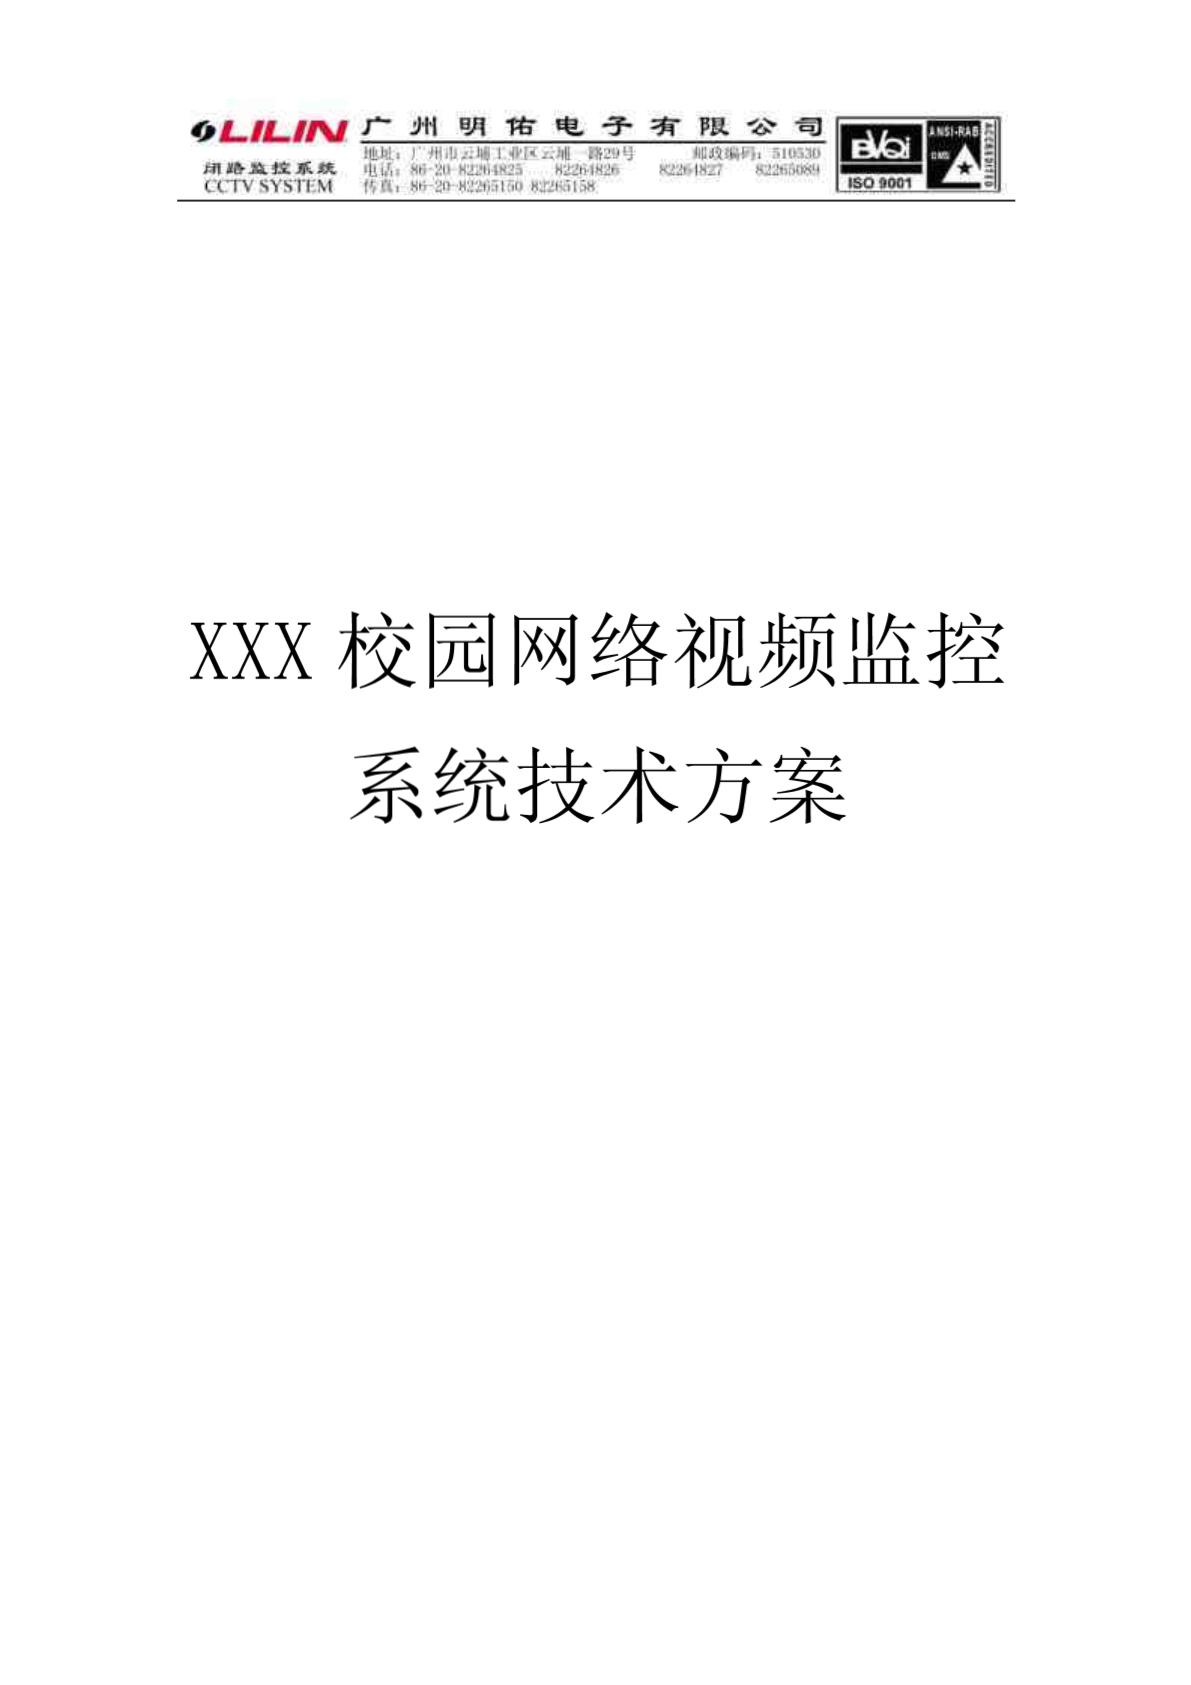 XXX校园视频监控系统工程解决方案_文档下载射精门视频图片